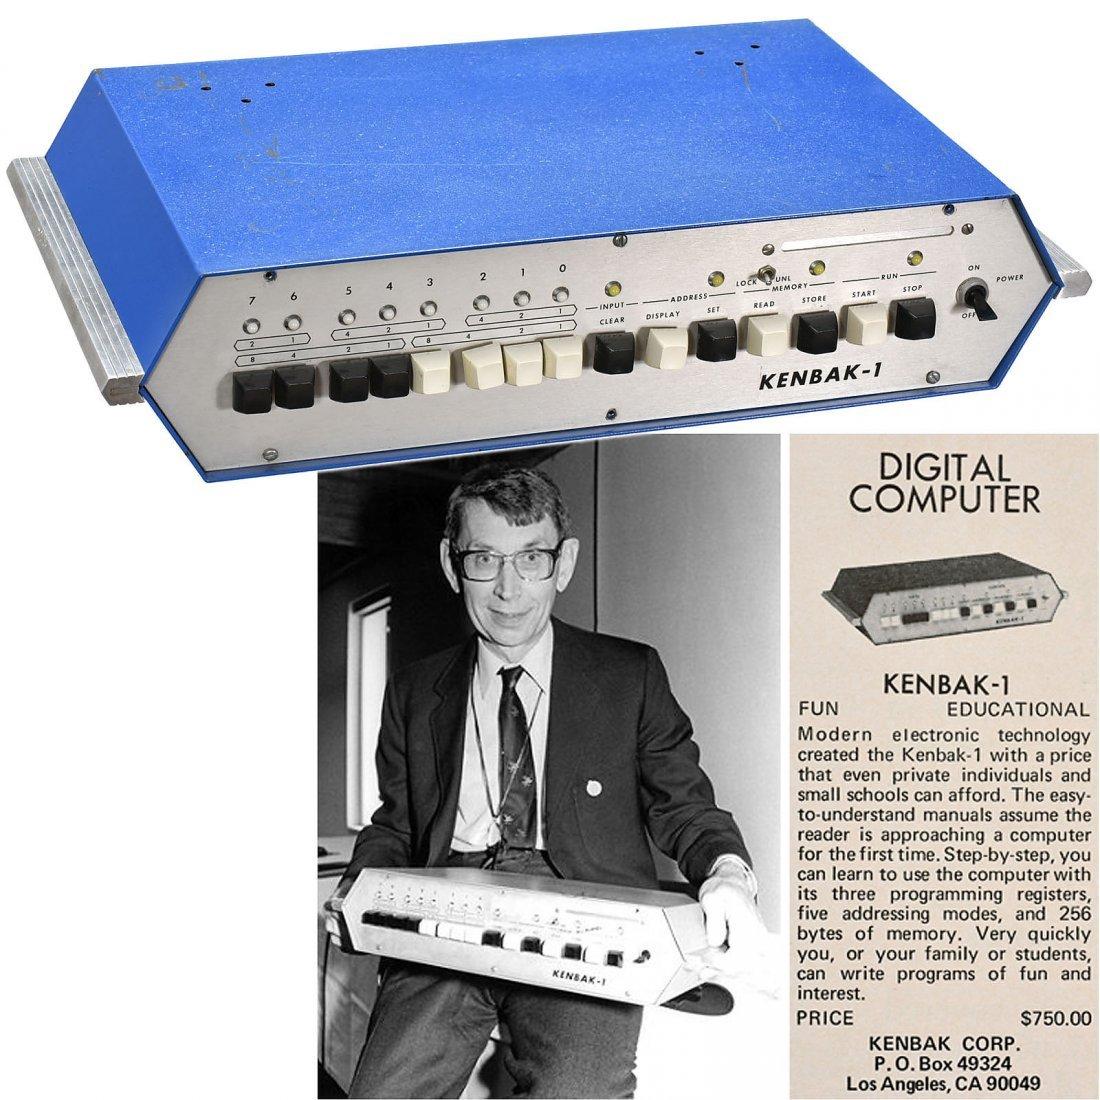 Kenbak-I Digital Computer, 1971